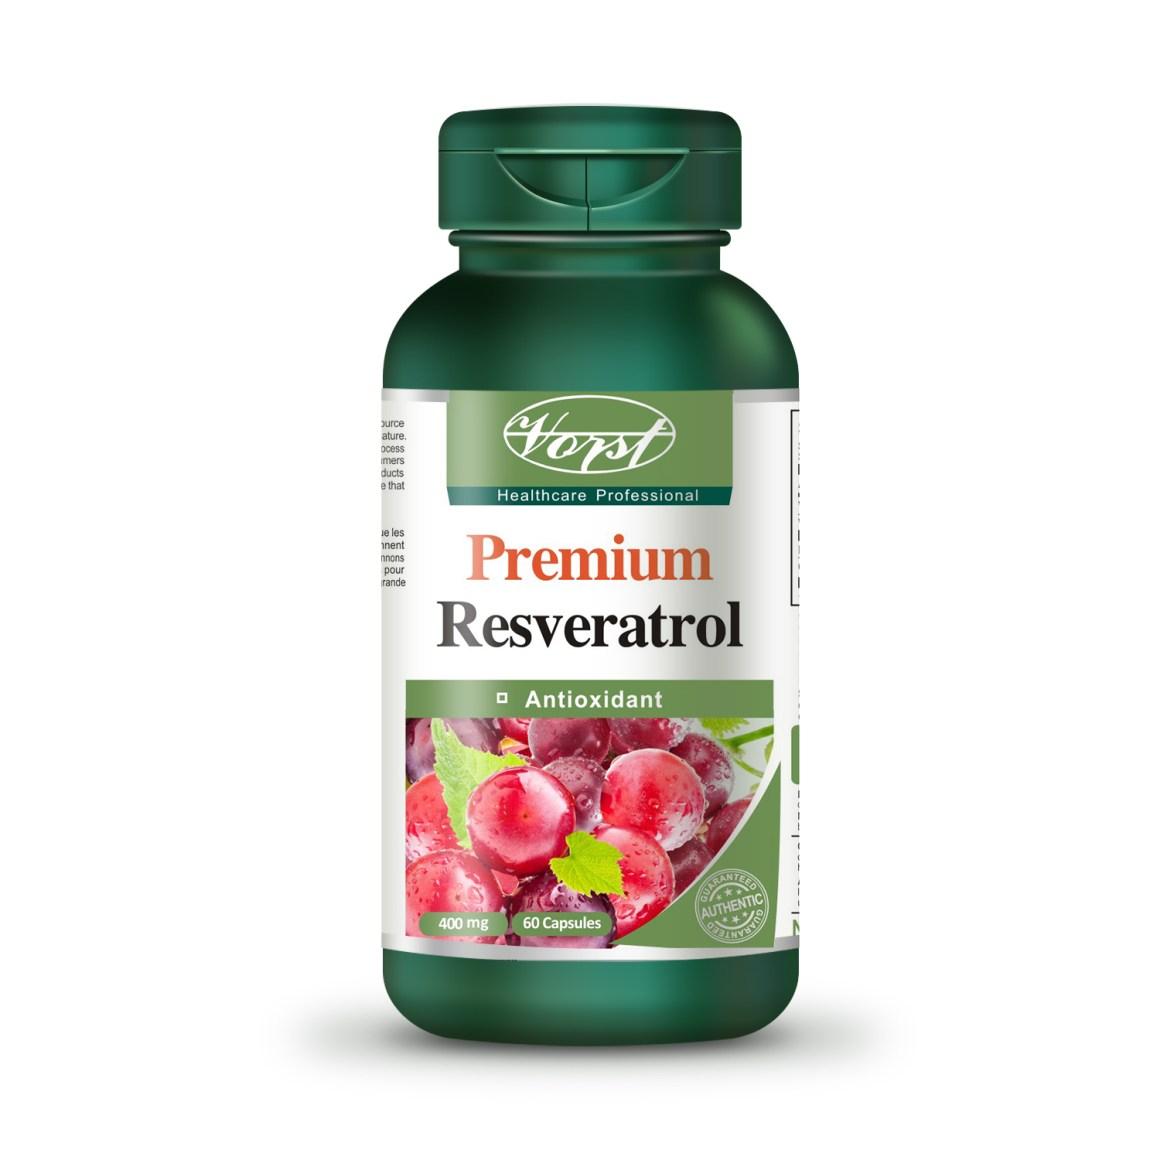 Premium Resveratrol